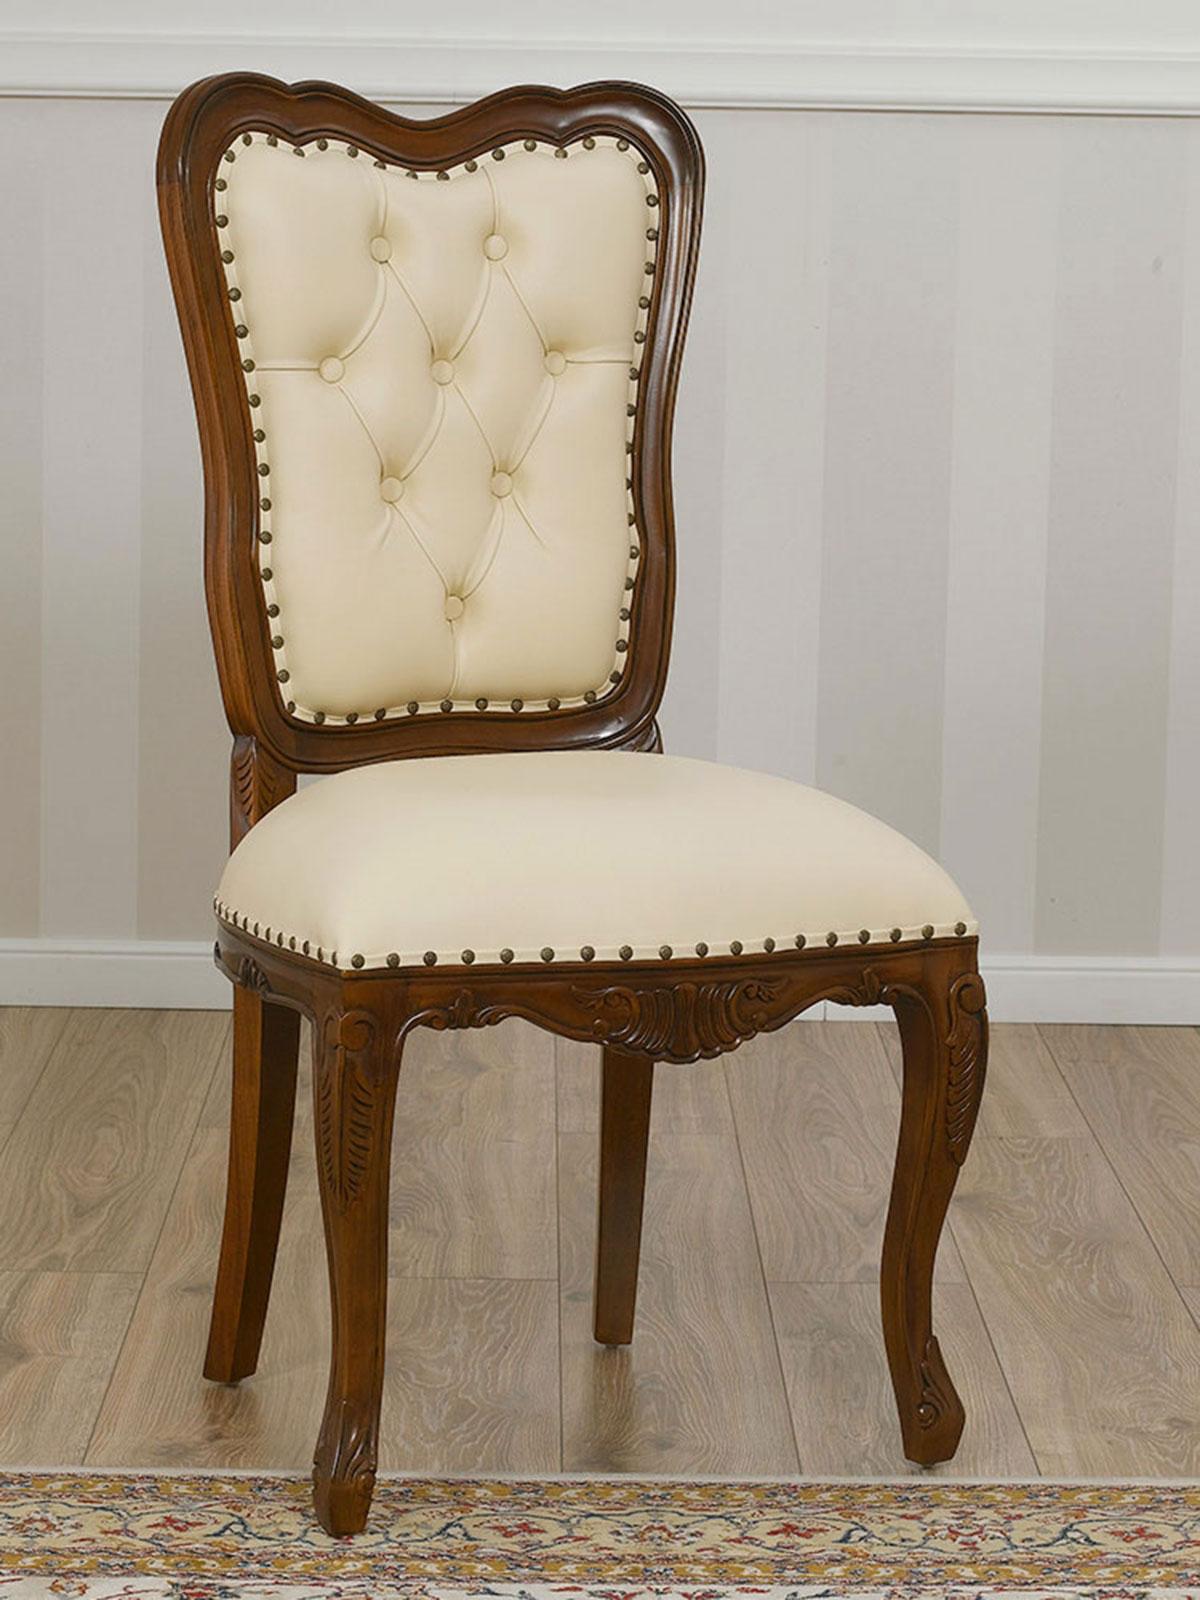 bureau Kimberly style présidentiel Anglais de Chaise Détails noyer Si ministériel sur chaise c31TKJlF